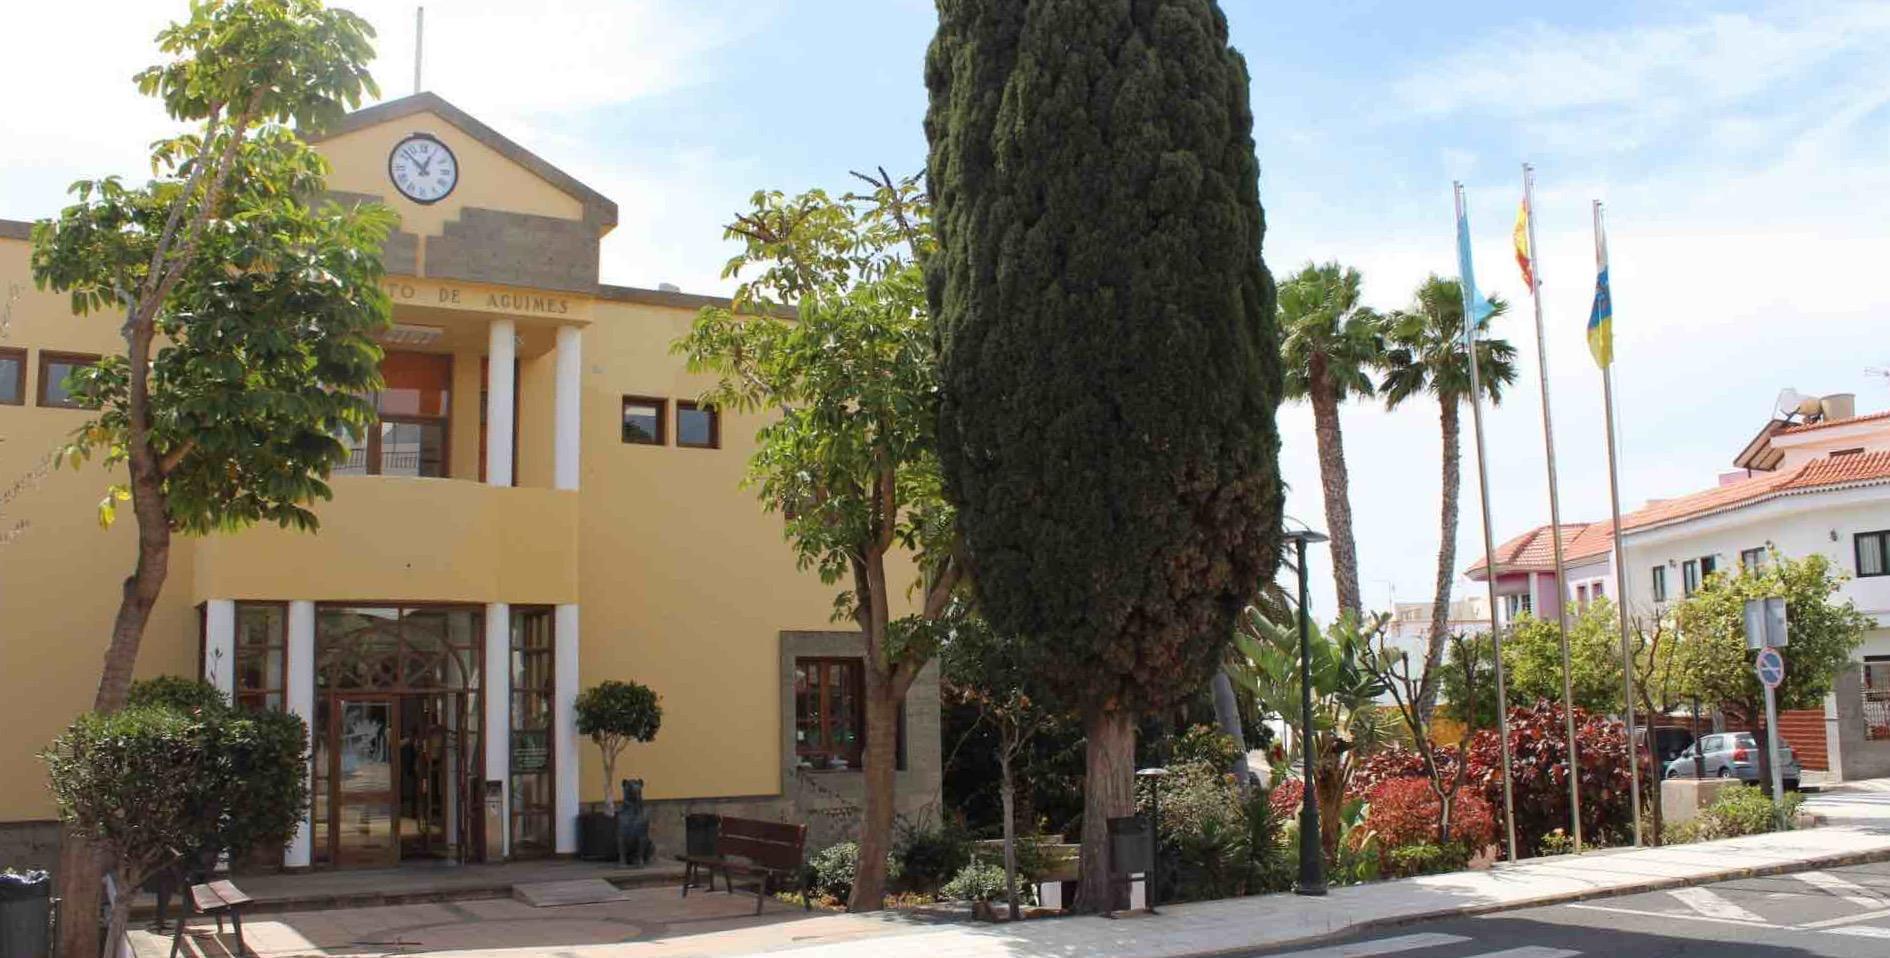 Ayuntamiento de Agüimes (Gran Canaria) / CanariasNoticias.es